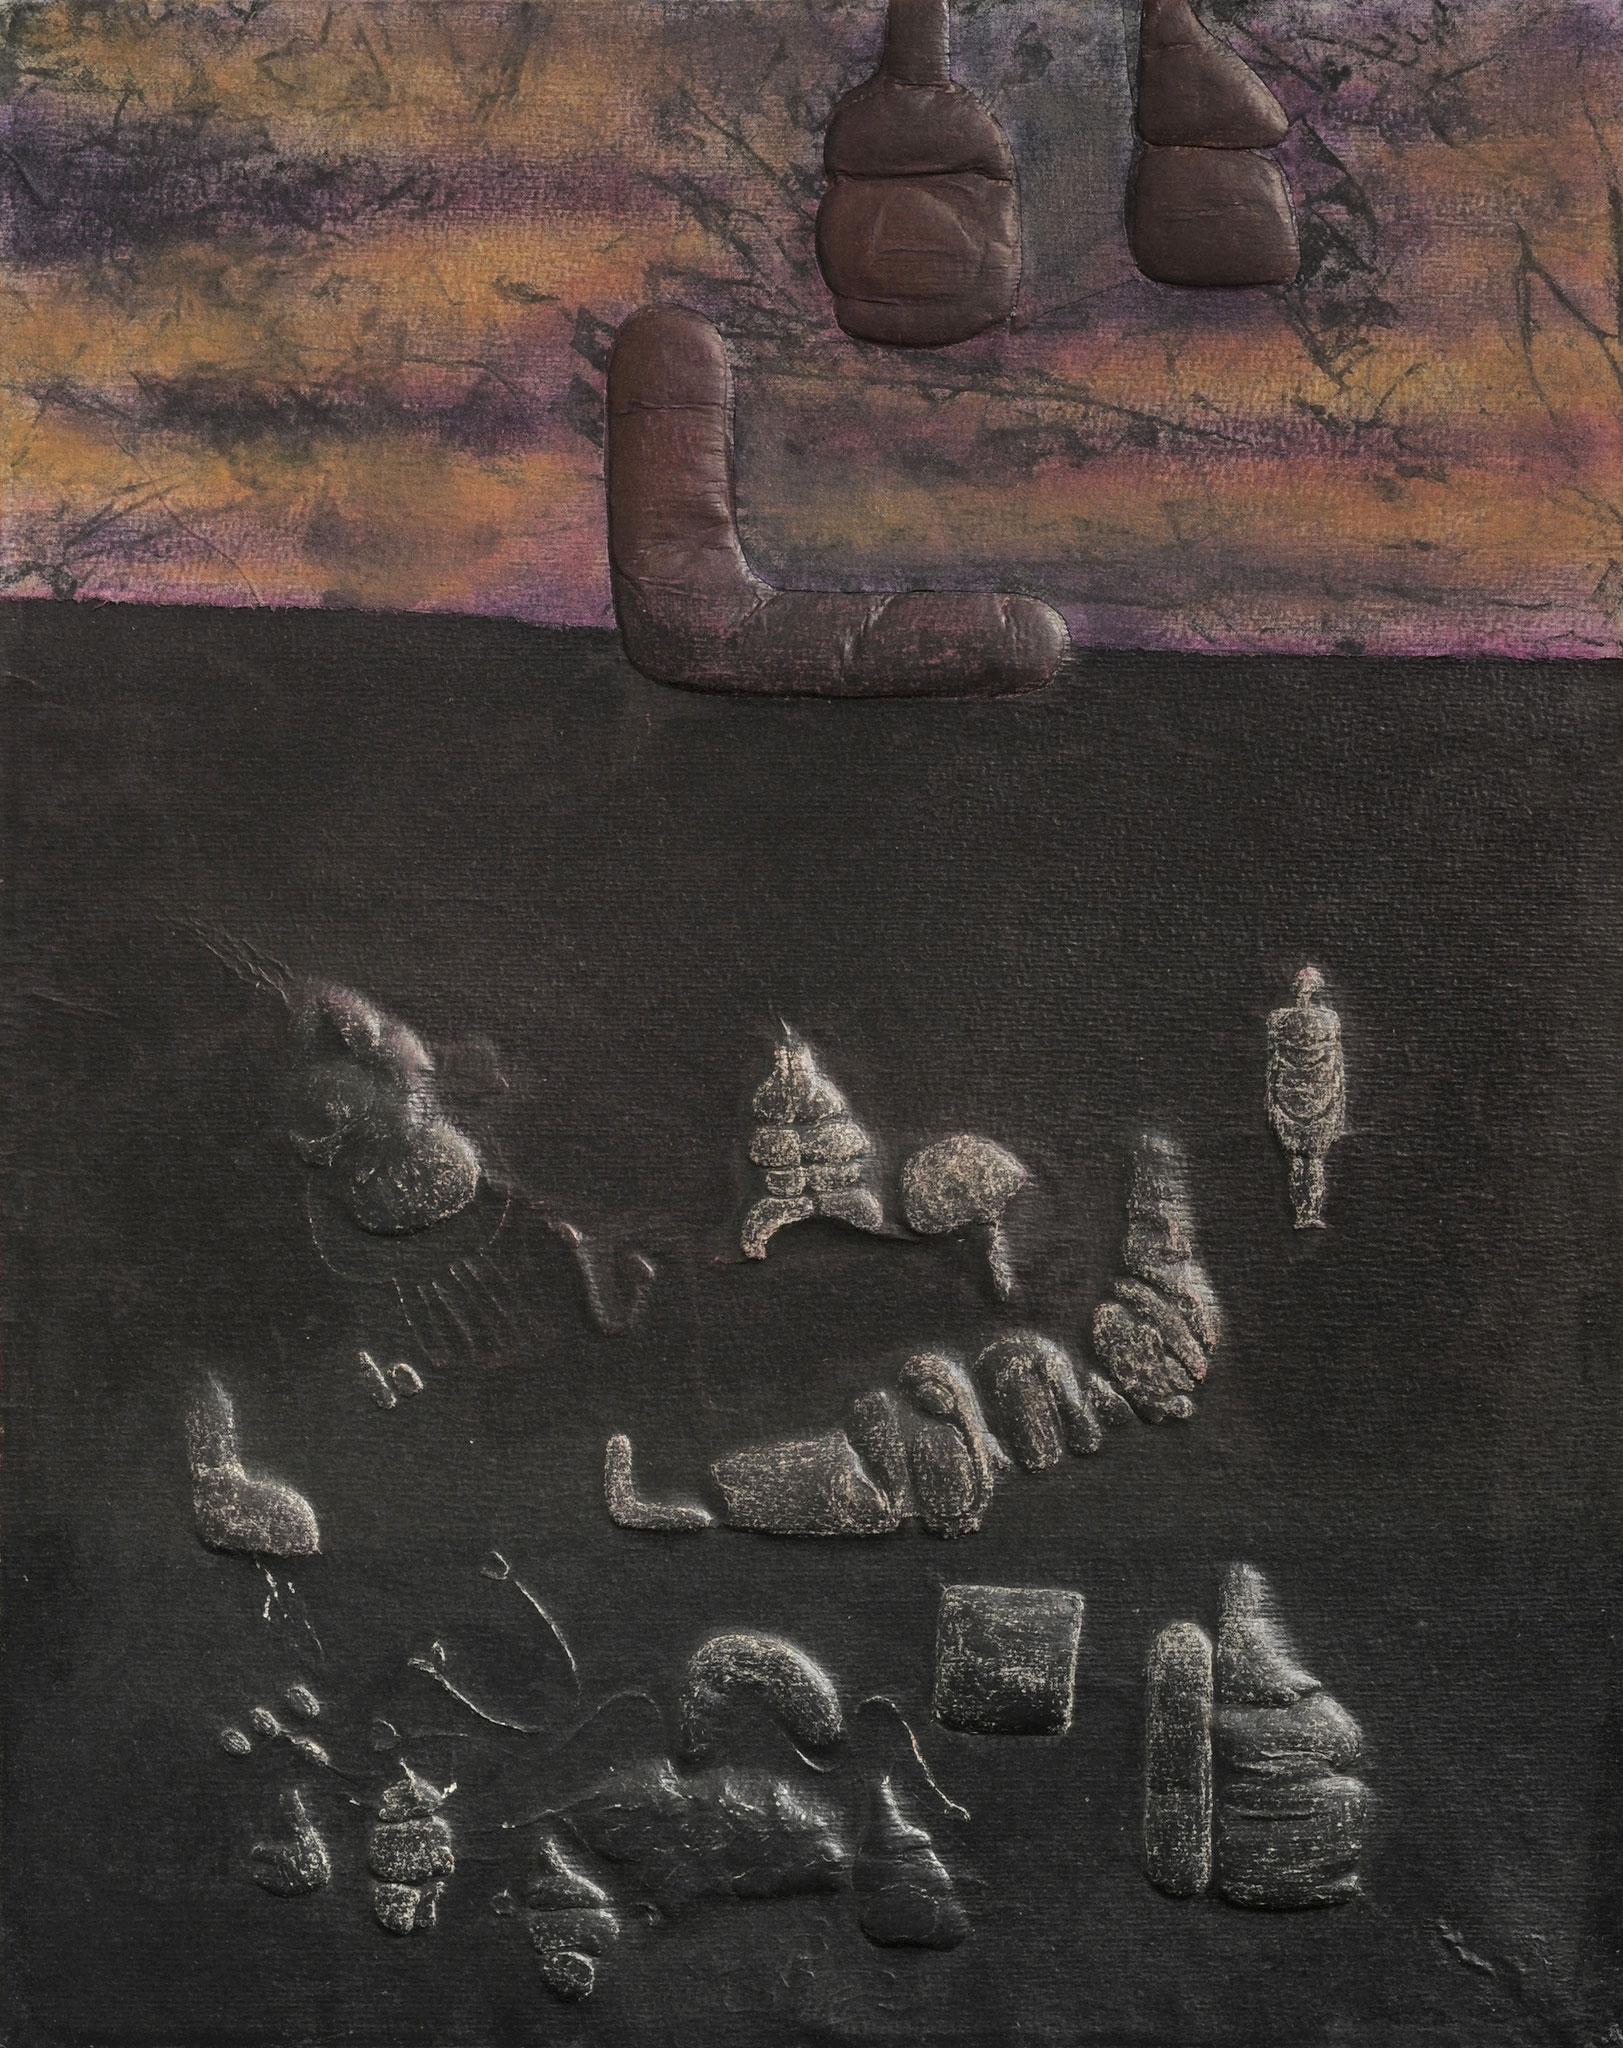 1978 - 2011. 66 x 50 cm. Papier en relief marouflé sur toile avec lès de toile marouflés sur papier. Encre d'imprimerie.